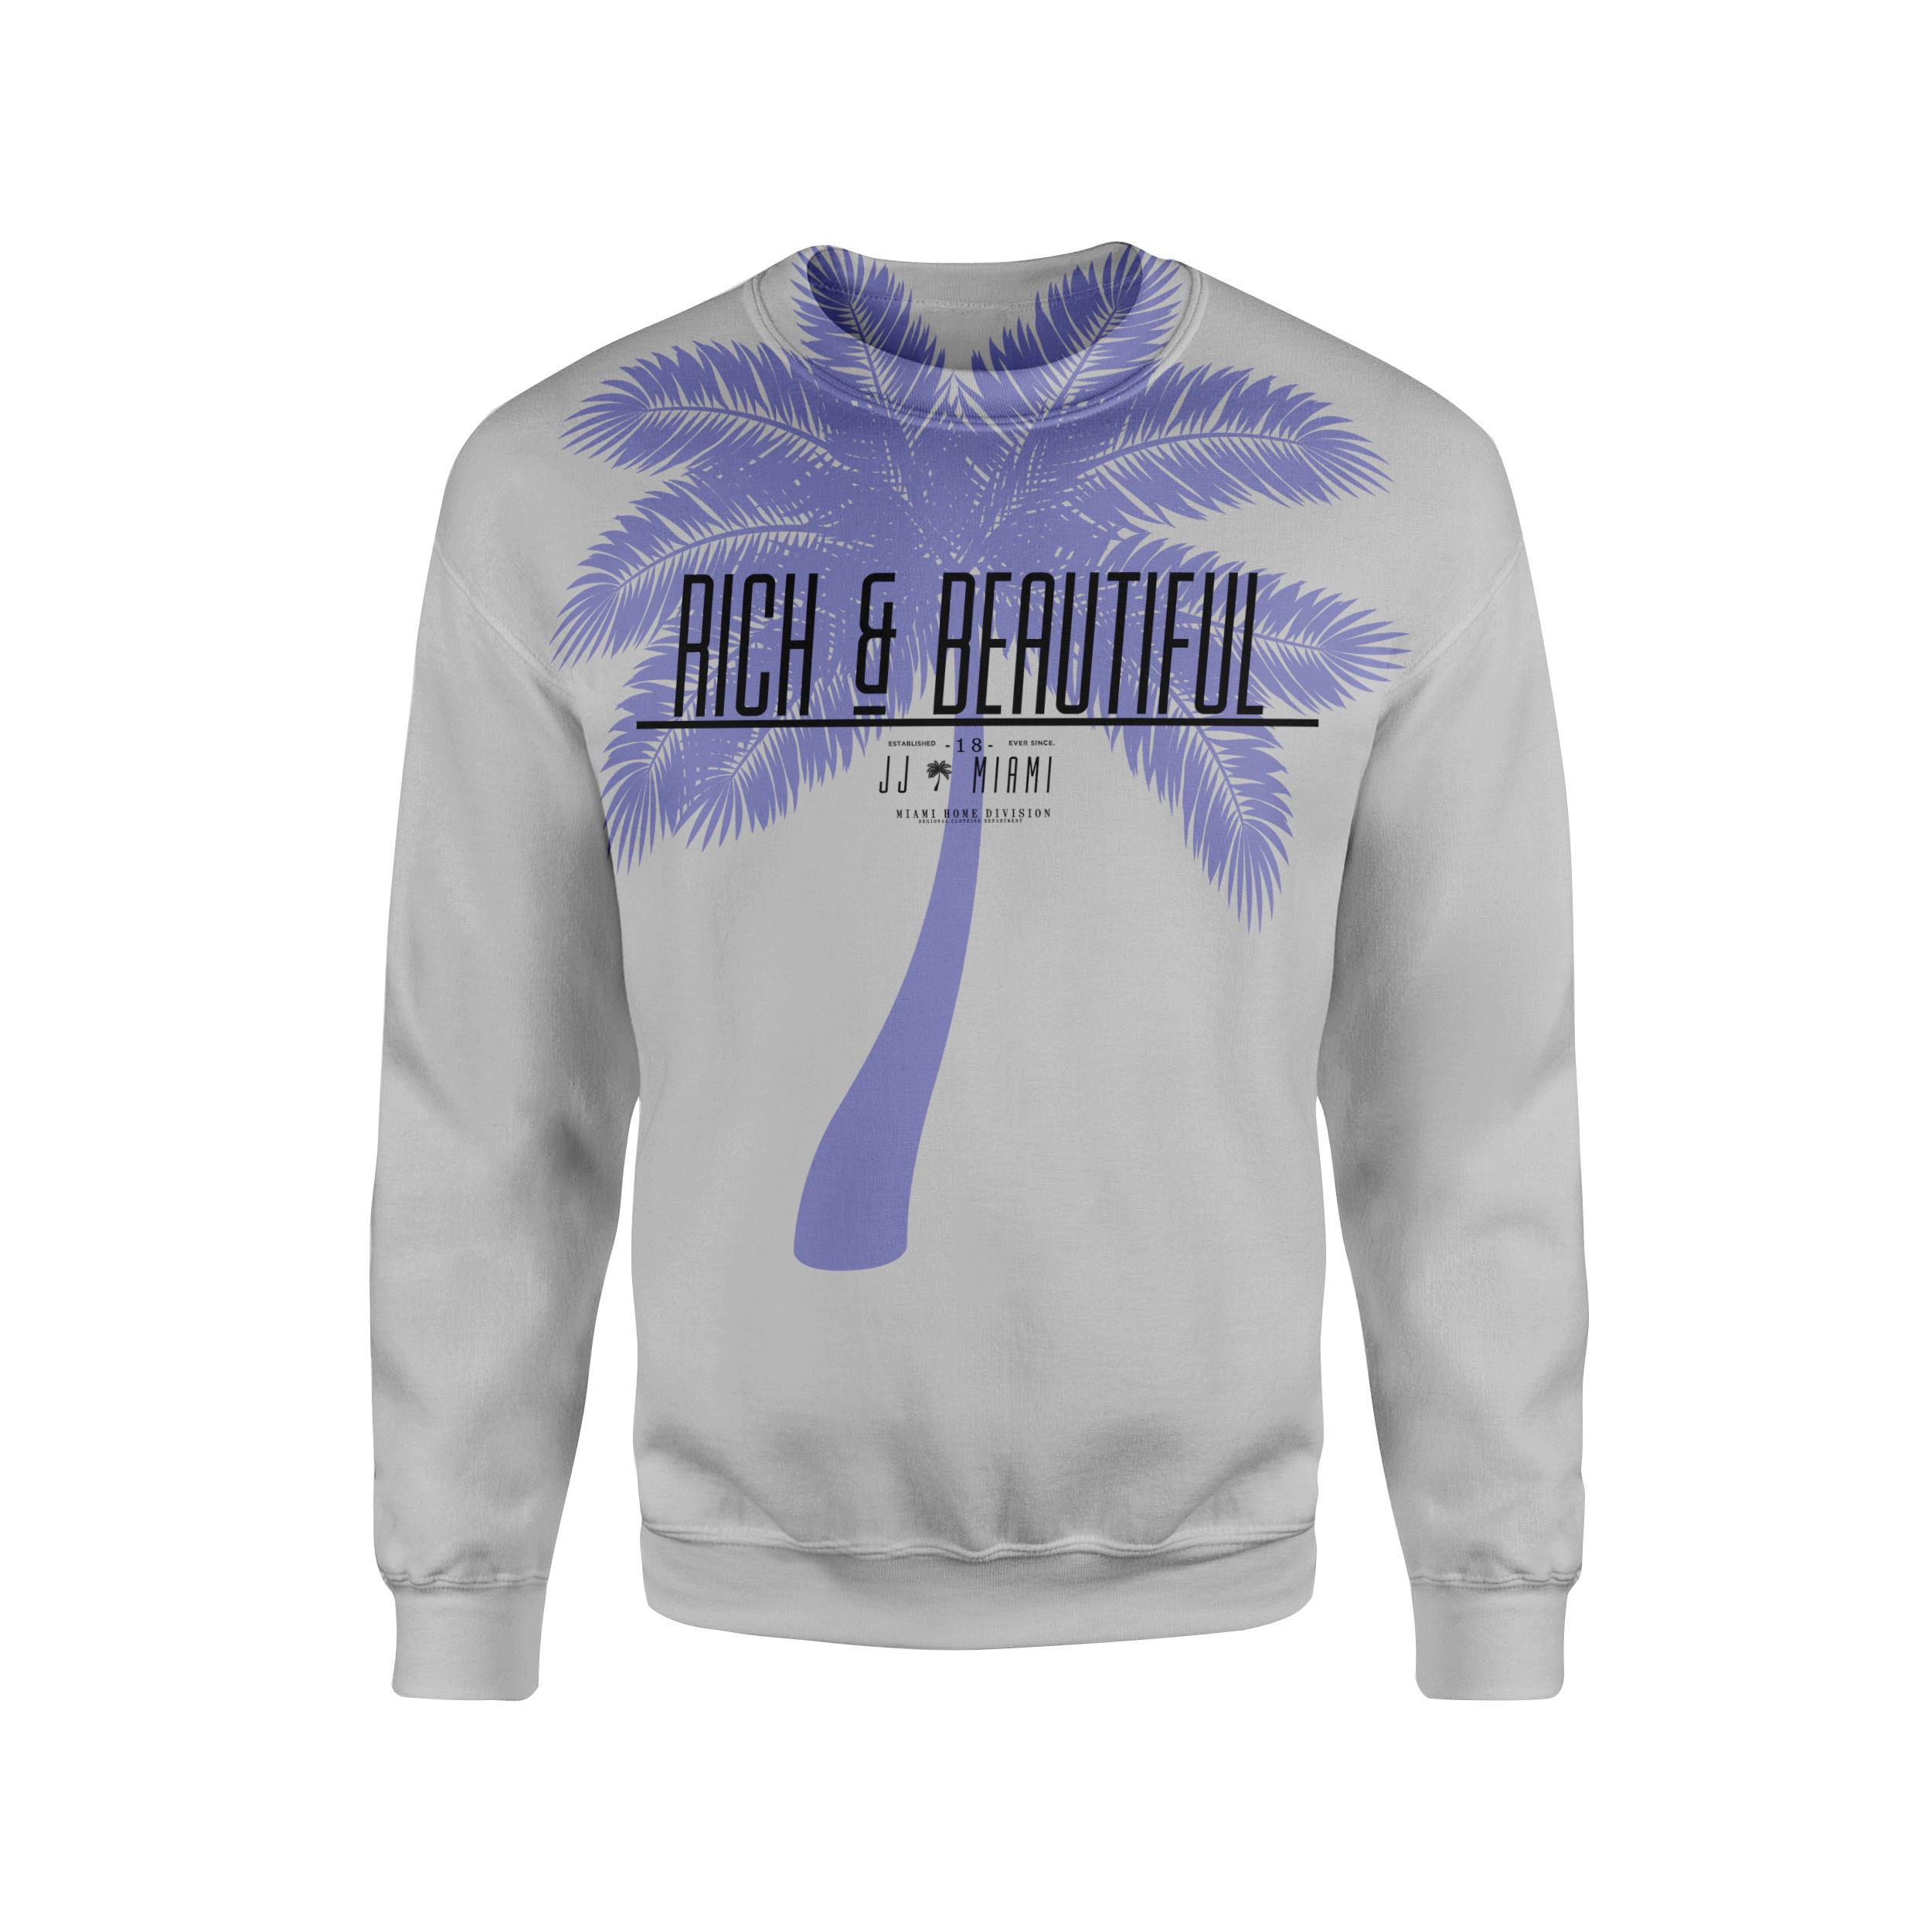 JJ_Miami_sweater_Rich_&_Beautiful_2.jpg